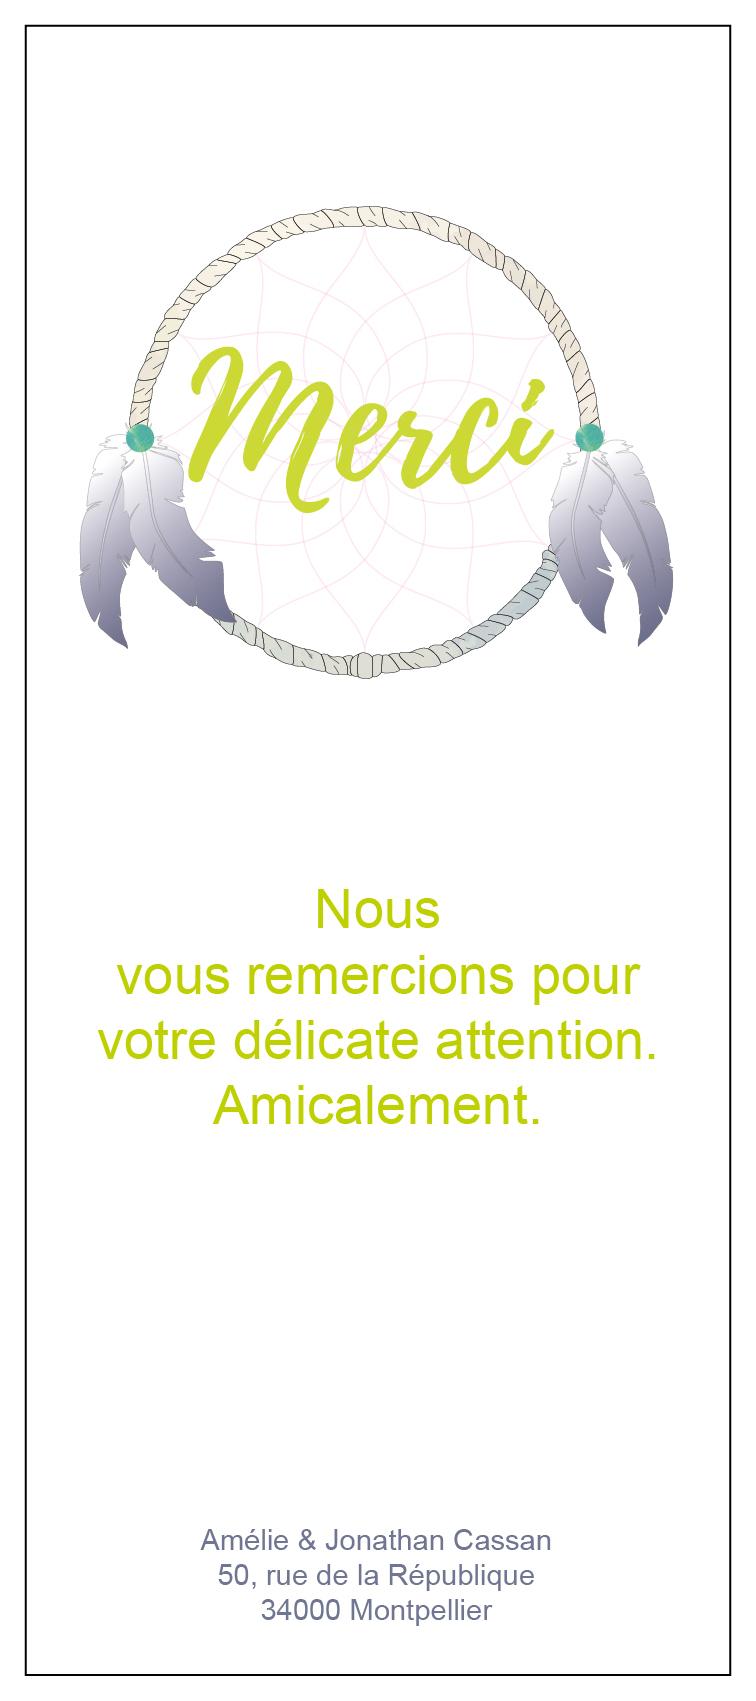 Graphiste-Montpellier-23, faire-part-naissance, papeterie-personnalisable, faire-part-sur-mesure, naissance, remerciements